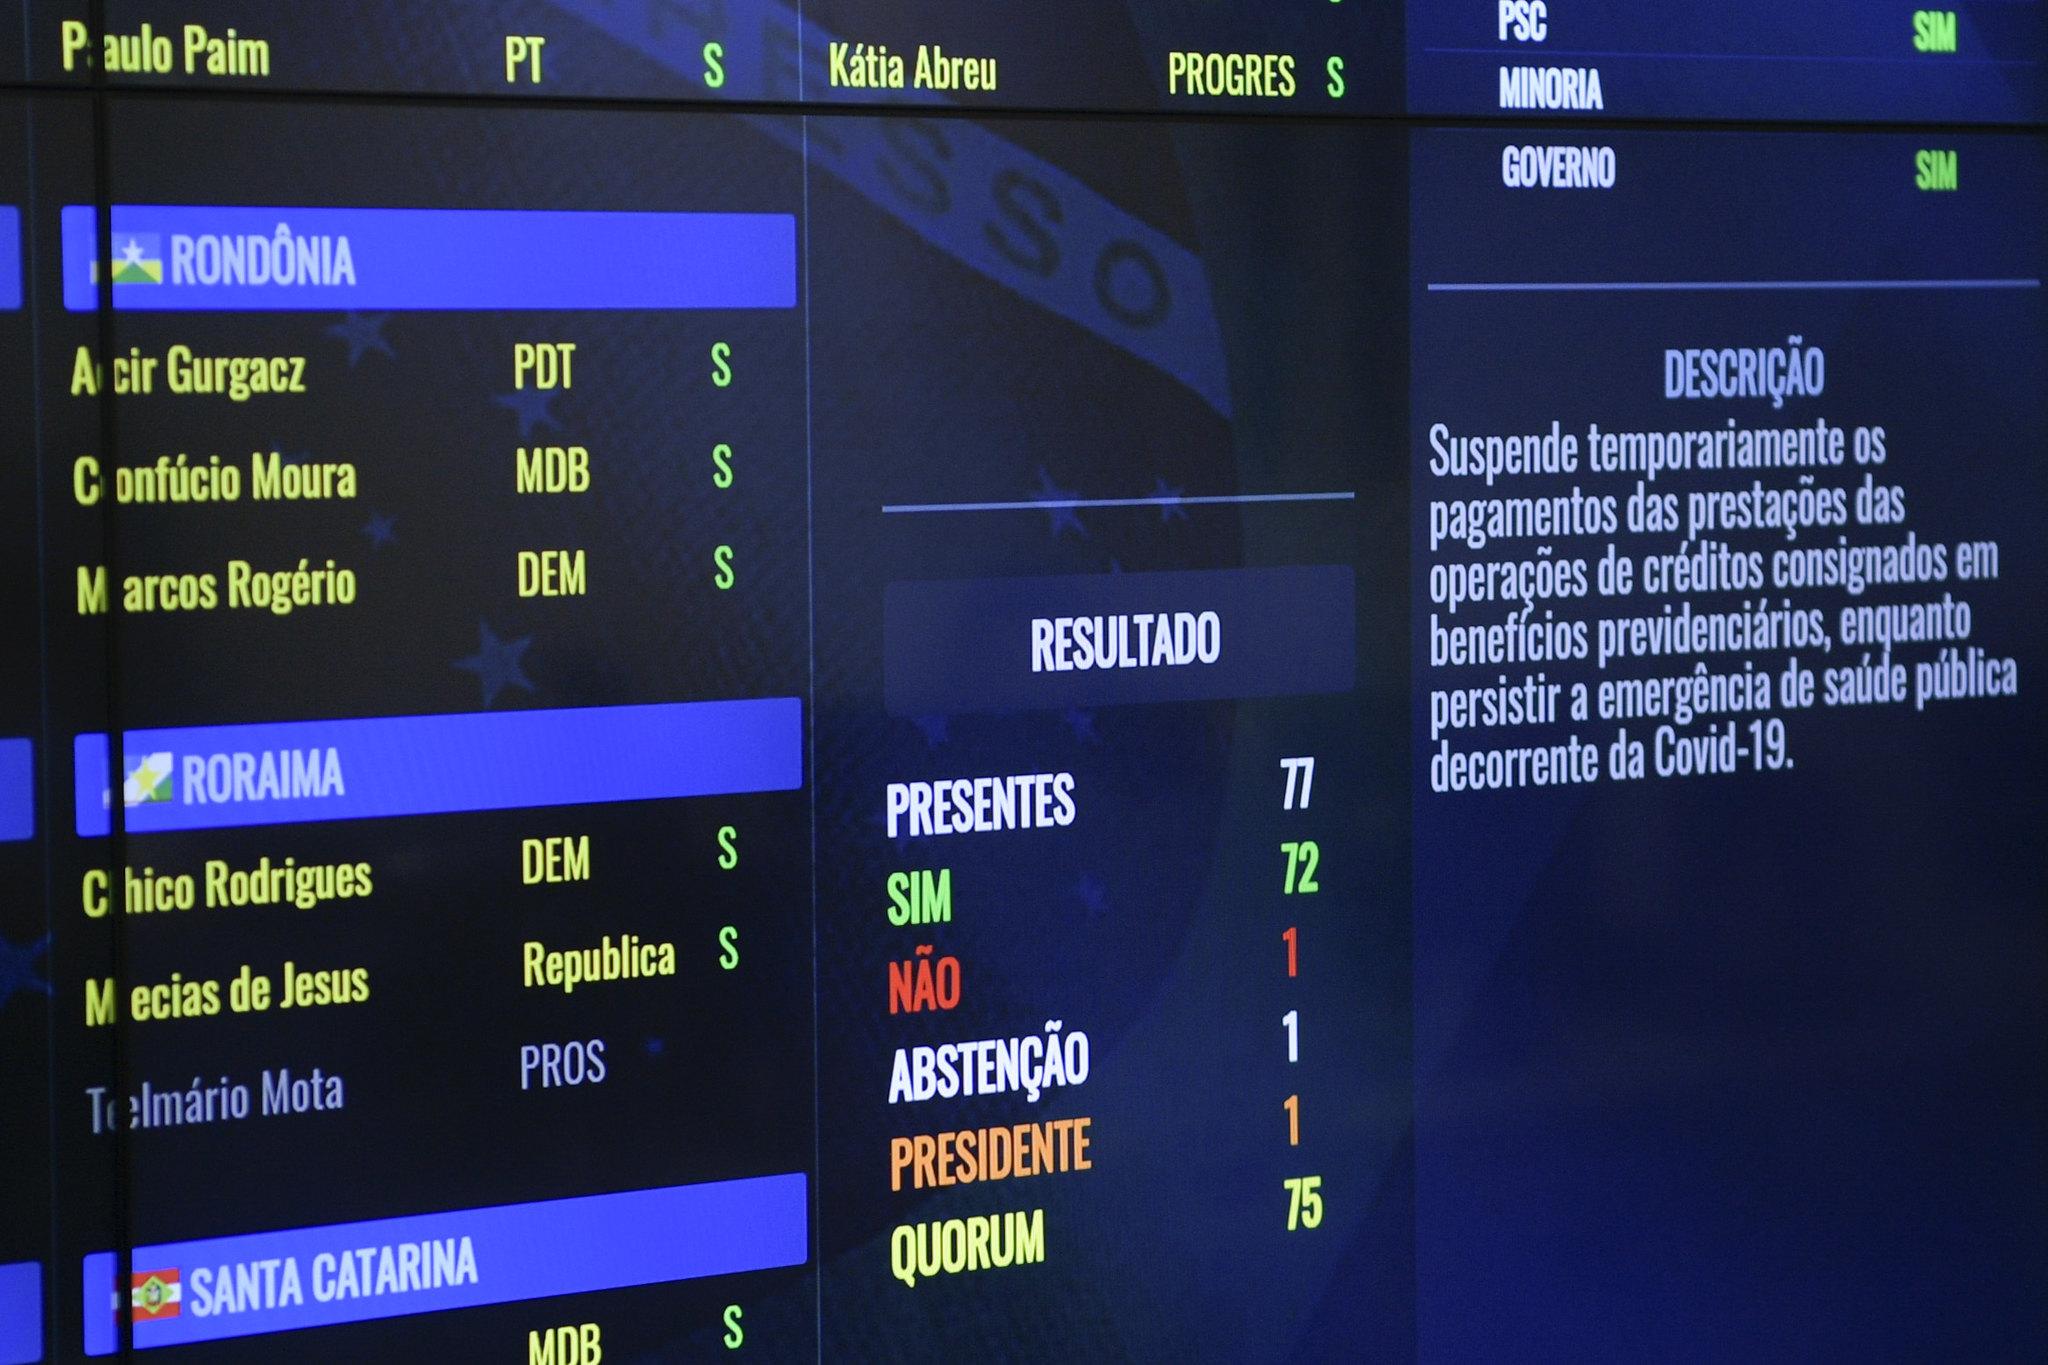 Painel eletrônico do Senado Federal exibe resultado da votação do PL nº 1.328/2020, que suspende temporariamente o pagamento das prestações de crédito consignado. Foto: Pedro França/Agência Senado